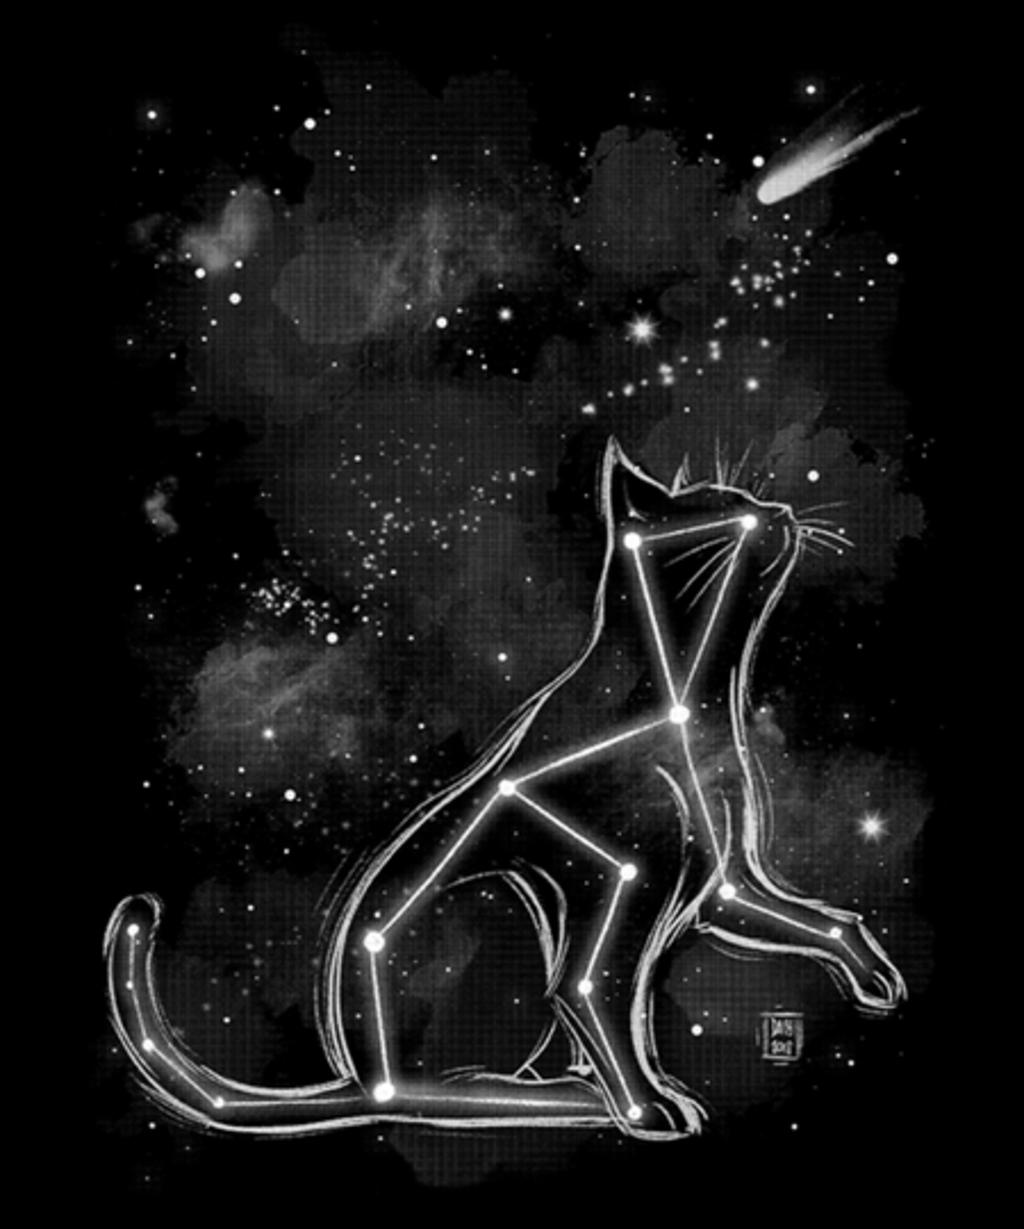 Qwertee: Starry cat